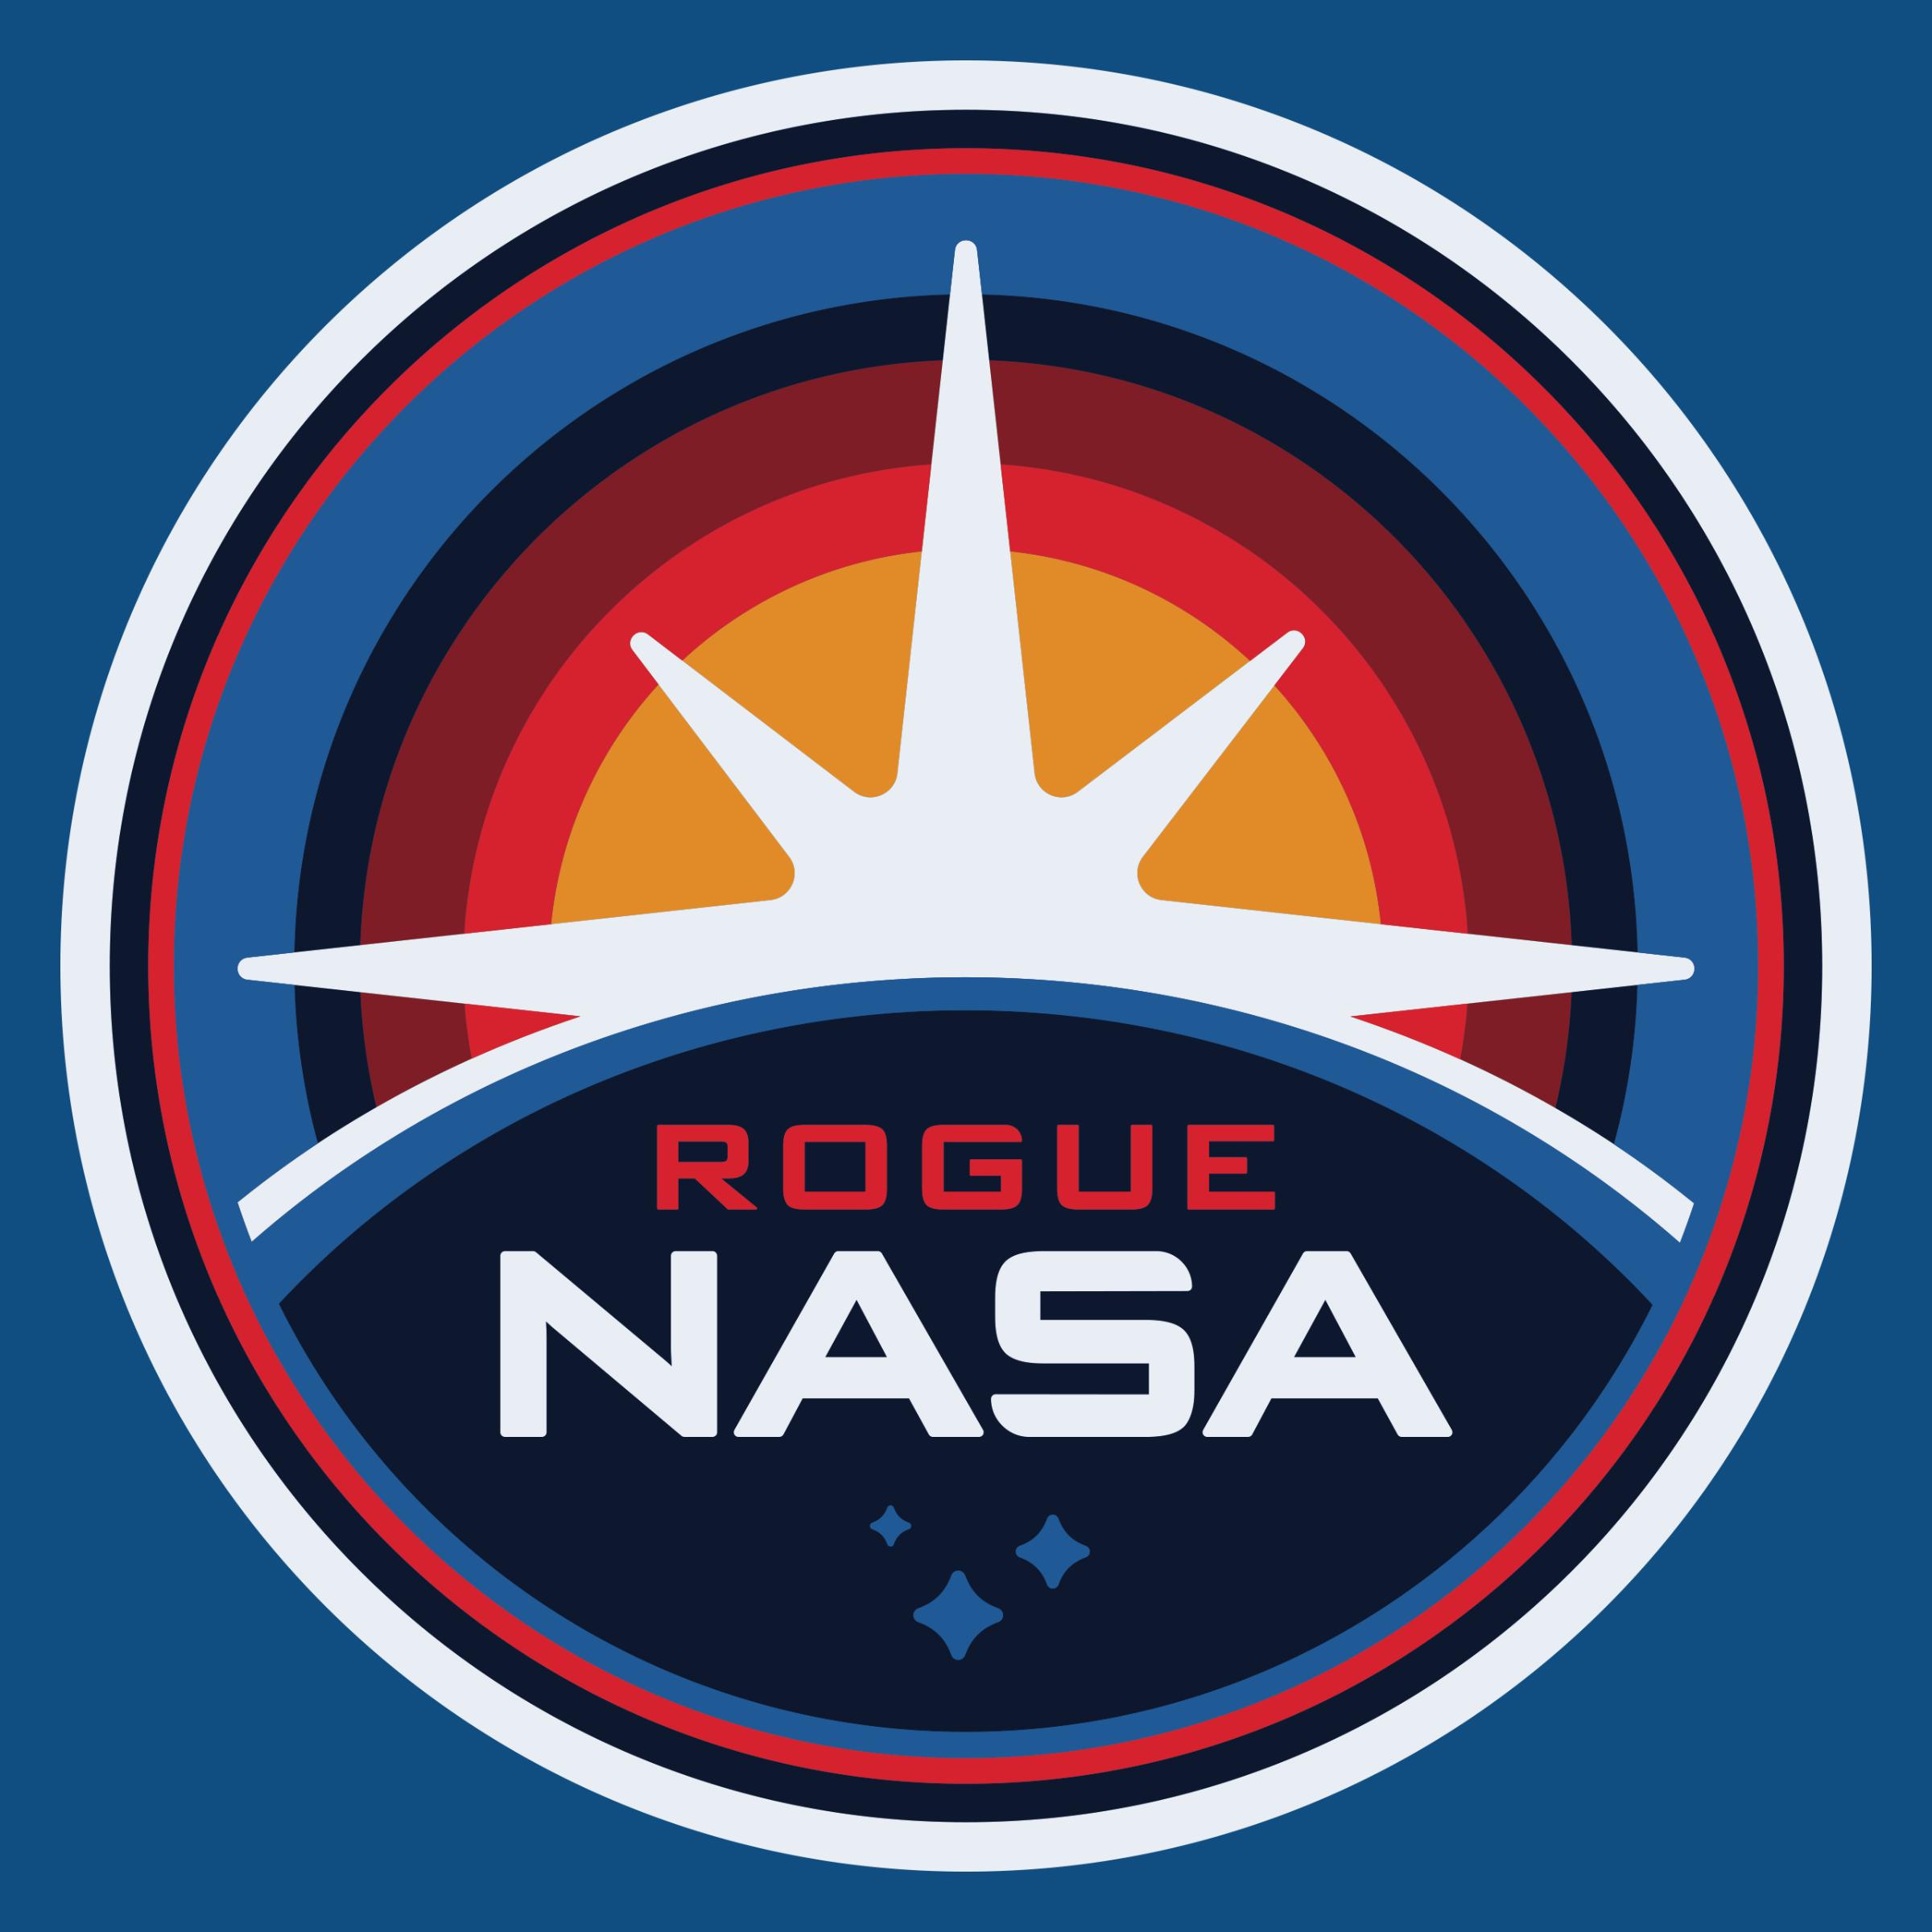 Rogue NASA Insignia